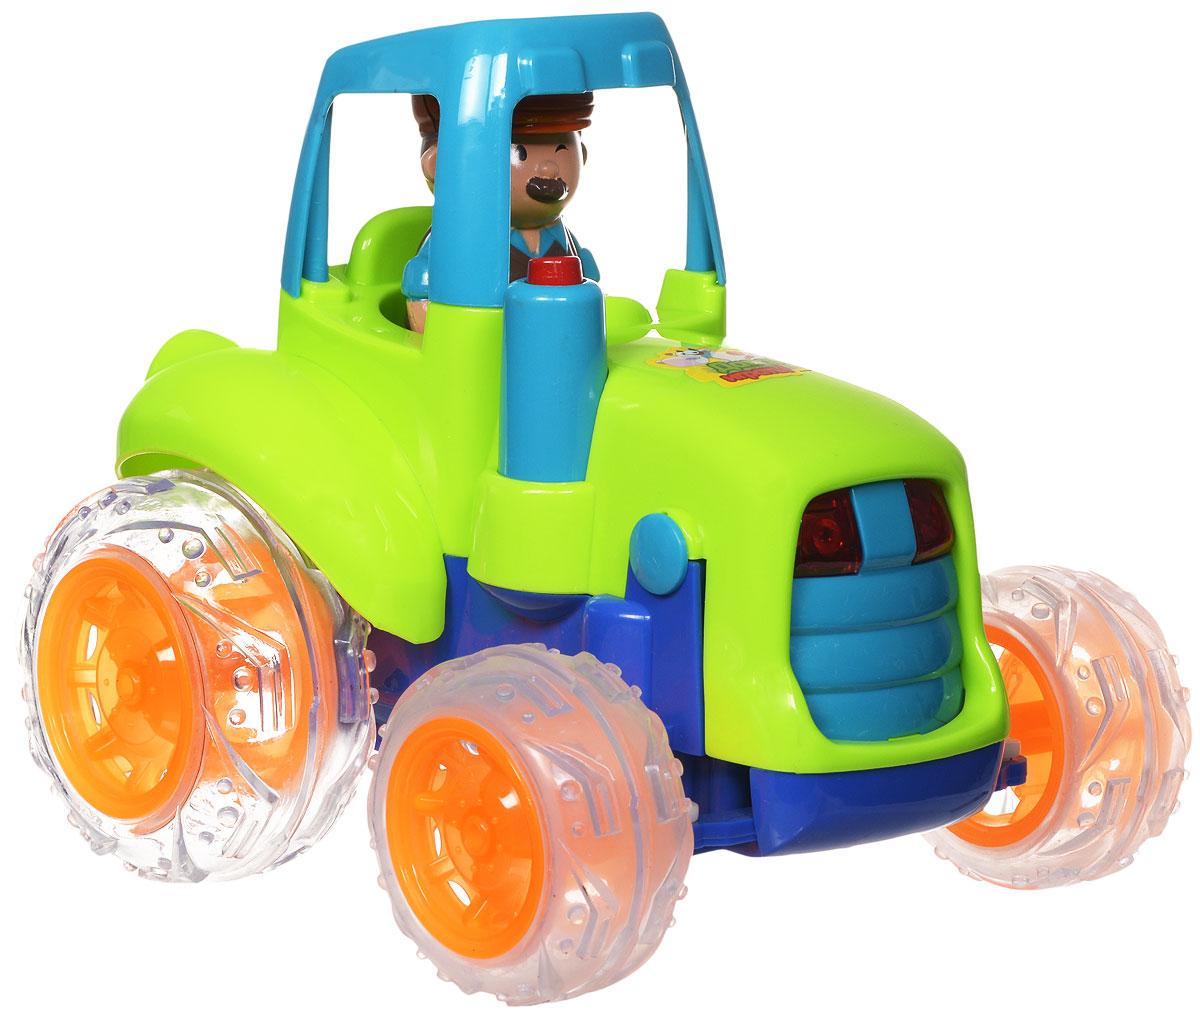 """Трактор на радиоуправлении """"Zhorya"""" станет отличным подарком для вашего малыша. Яркая и красочная модель не оставит равнодушным ни одного ребенка. Трактор оснащен световыми эффектами, что делает процесс игры еще более интересным и увлекательным. Игрушка управляется с помощью дистанционного пульта. Она может двигаться вперед и назад, разворачиваться вправо и влево. Фигурка тракториста съемная. Пульт управления работает на частоте 27 MHz. Для работы игрушки необходимы 4 батарейки типа АА (не входят в комплект). Для работы пульта управления необходимы 2 батарейки типа АА (не входят в комплект)."""